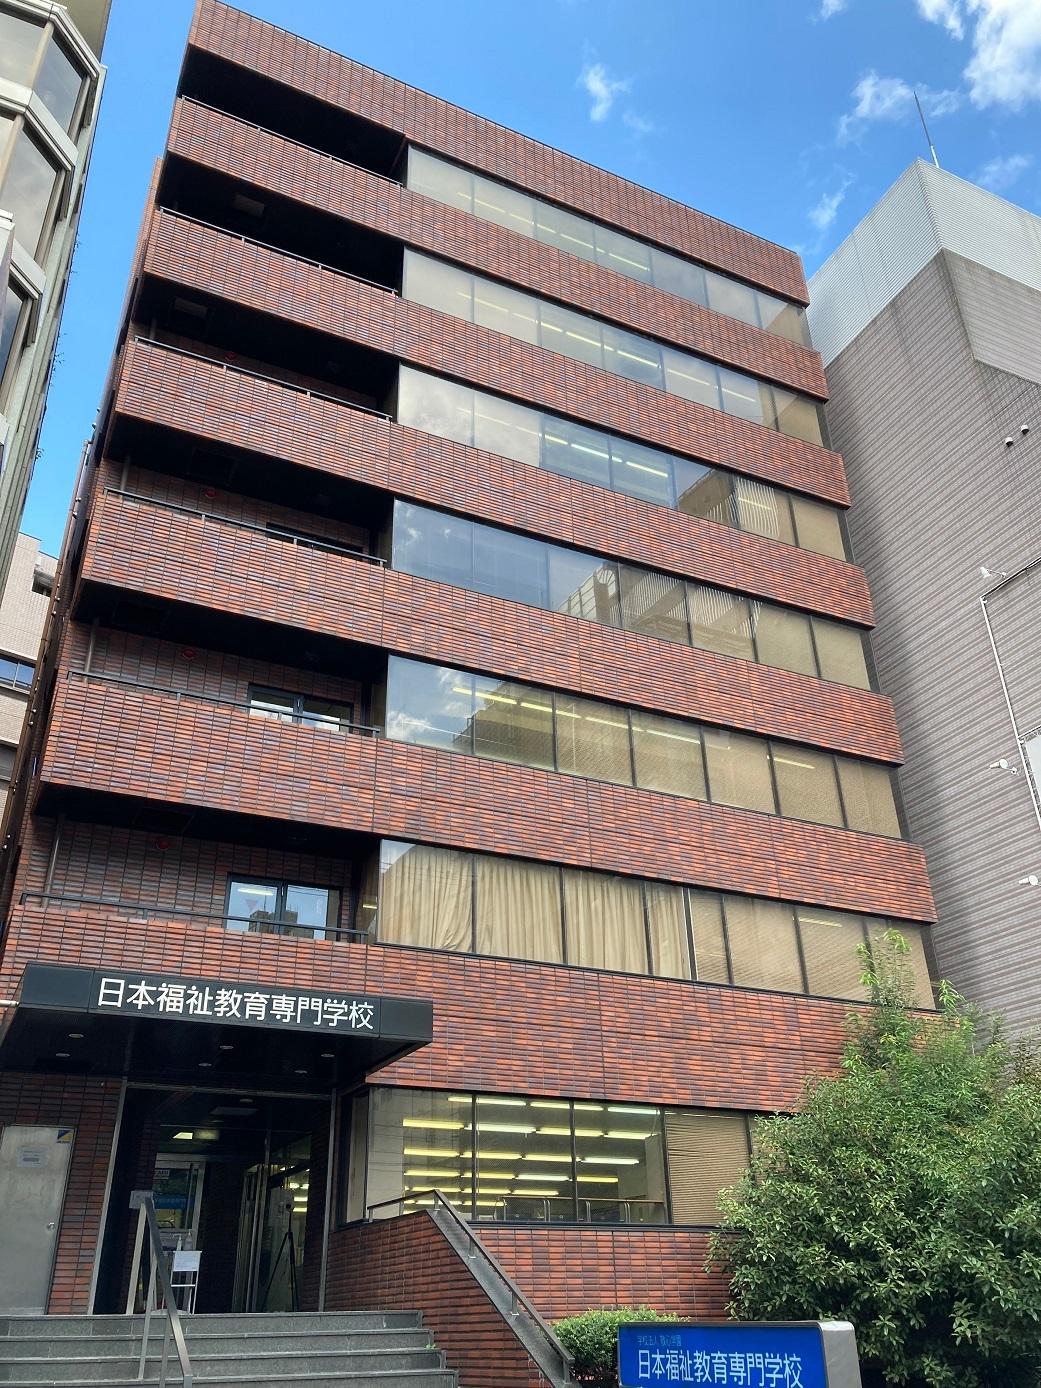 日本福祉教育専門学校 写真